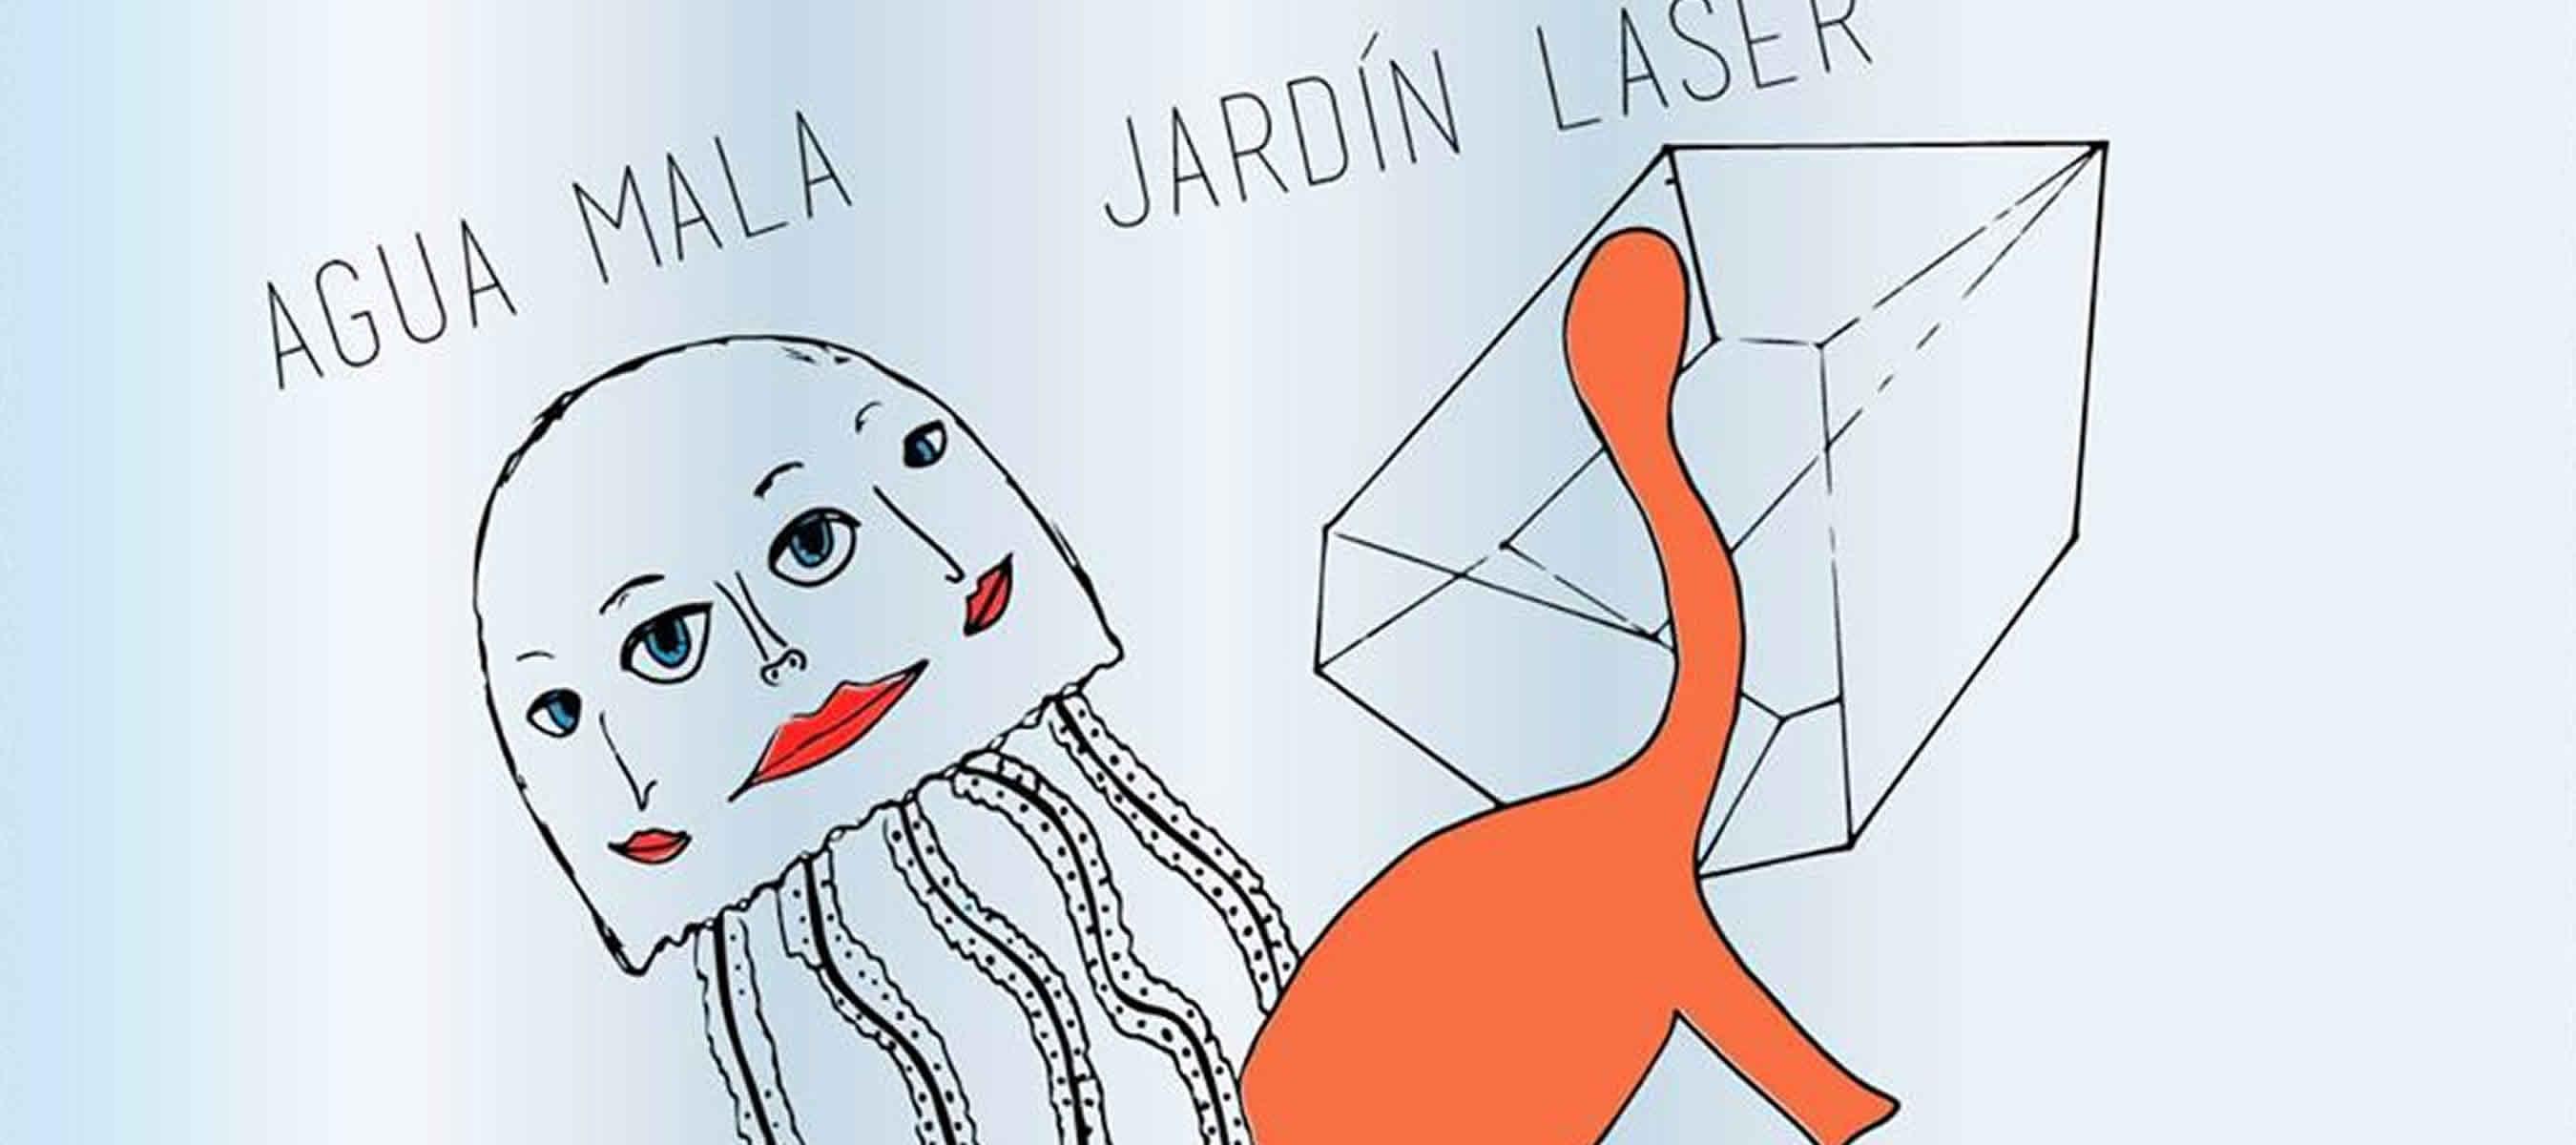 Agua Mala Jazz Trio + Jardin Lazer